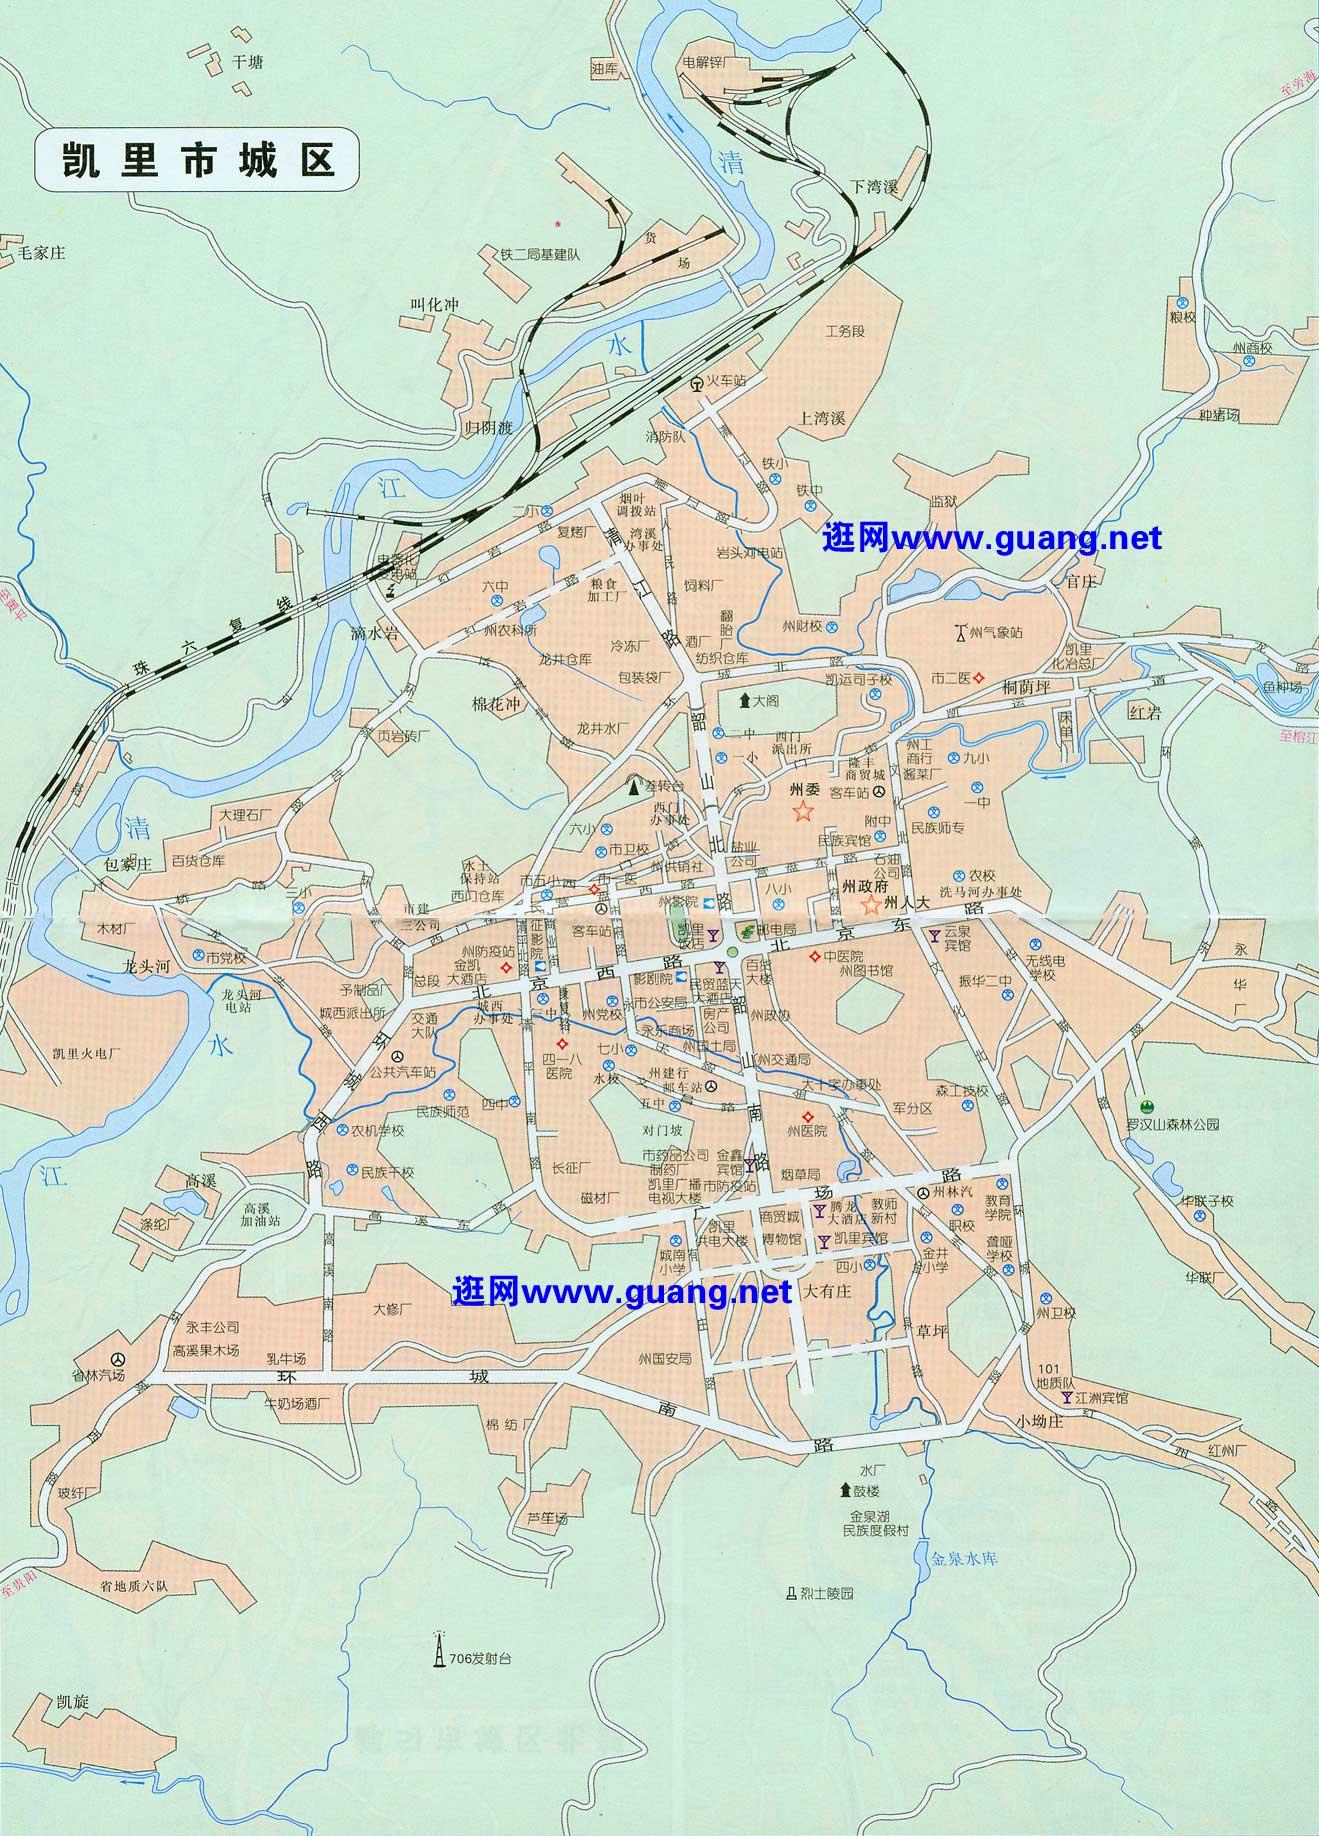 凯里市区地图